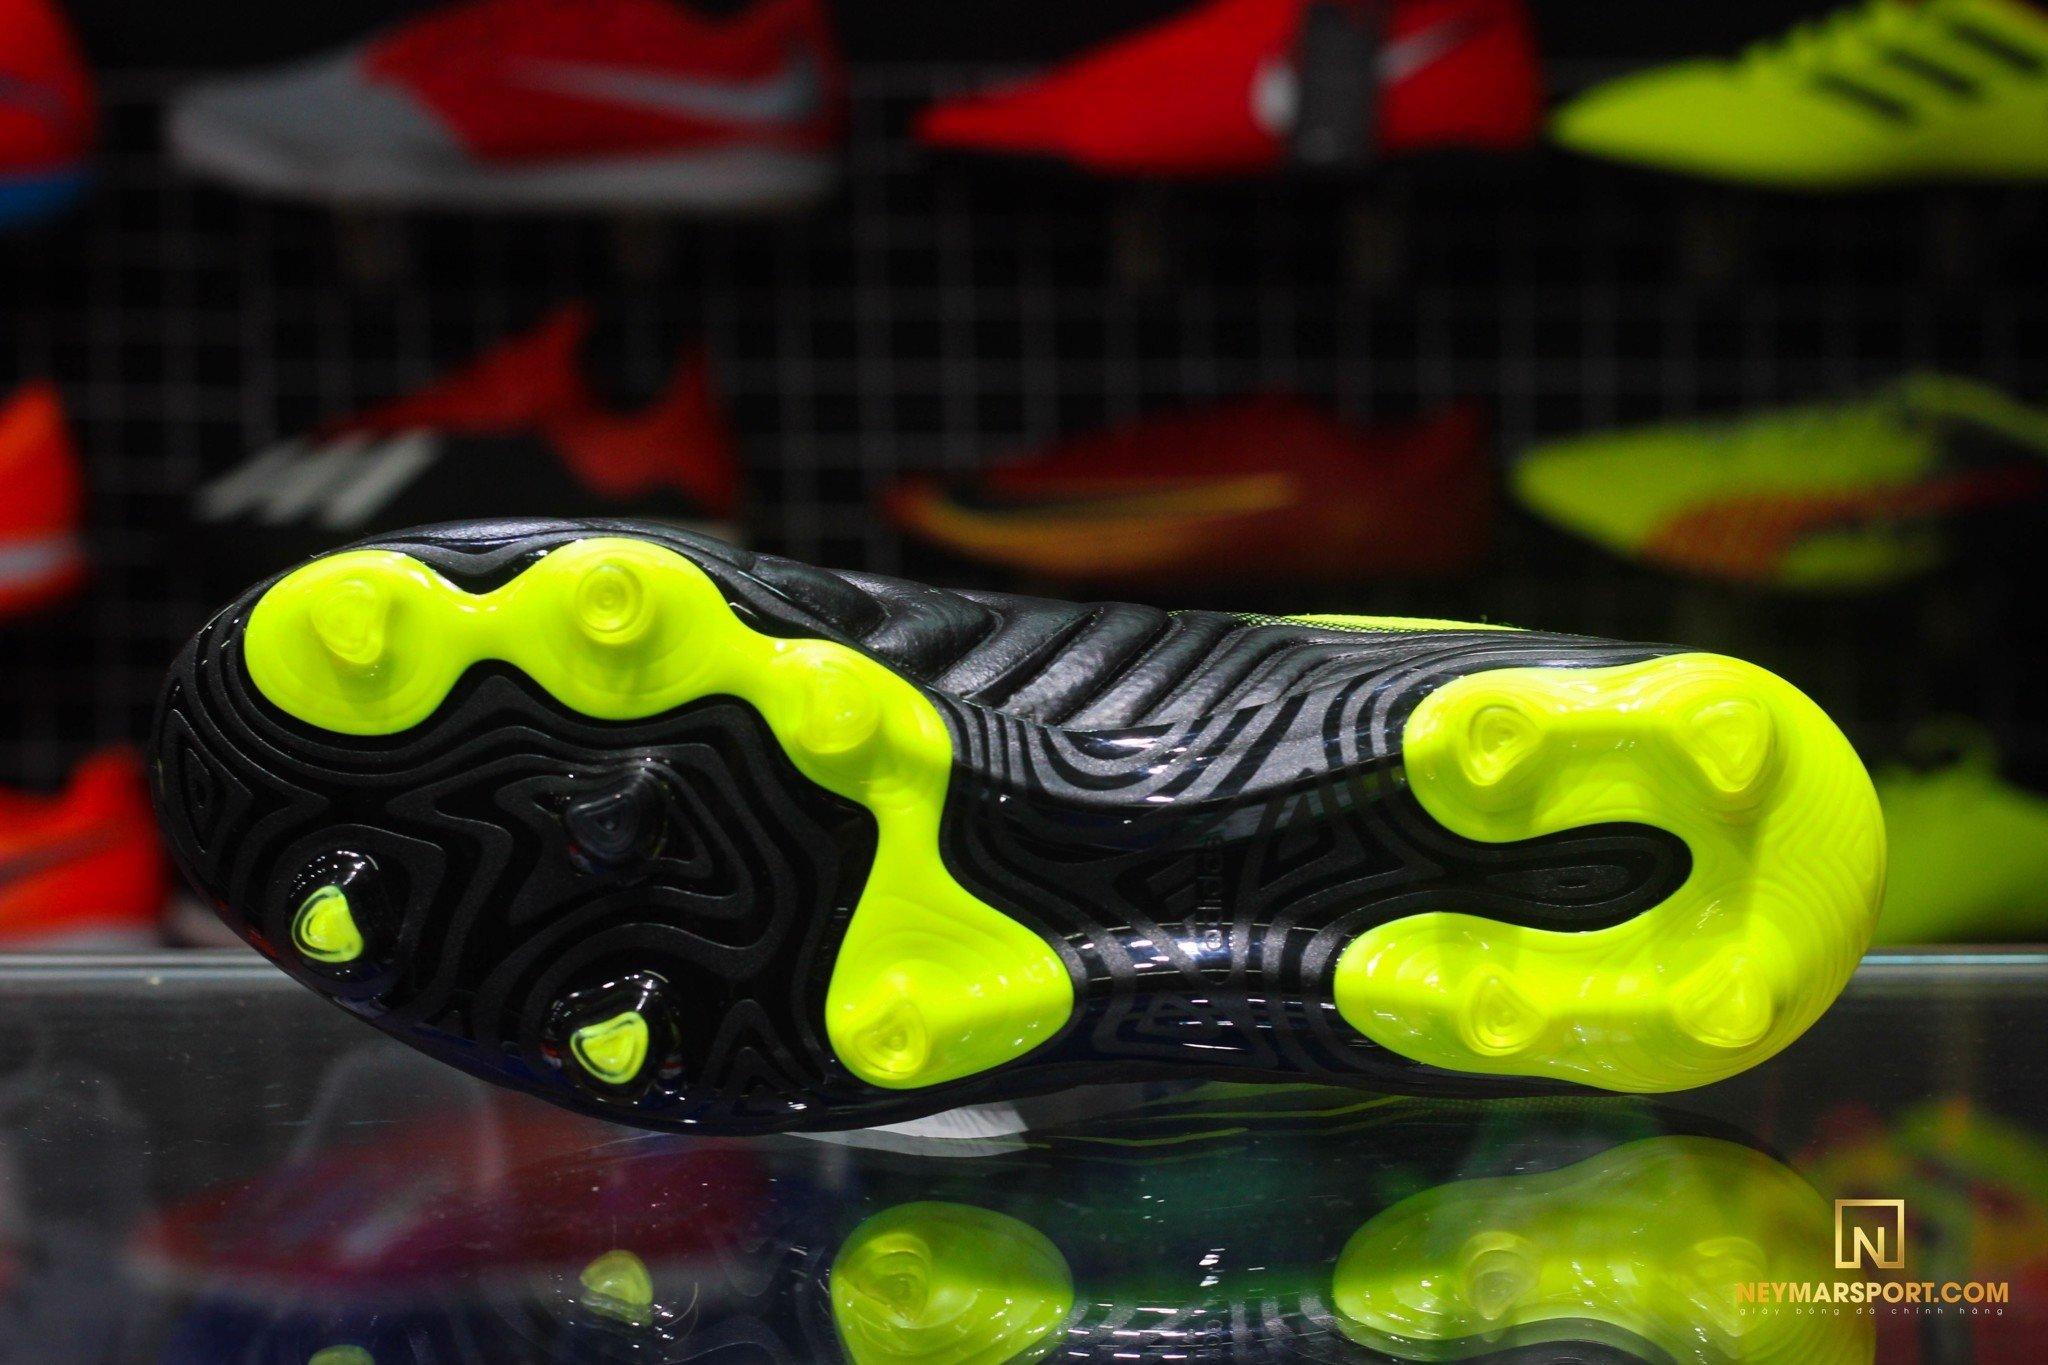 SALE OFF 50% - Giày cỏ tự nhiên adidas cao cấp giảm giá hấp dẫn